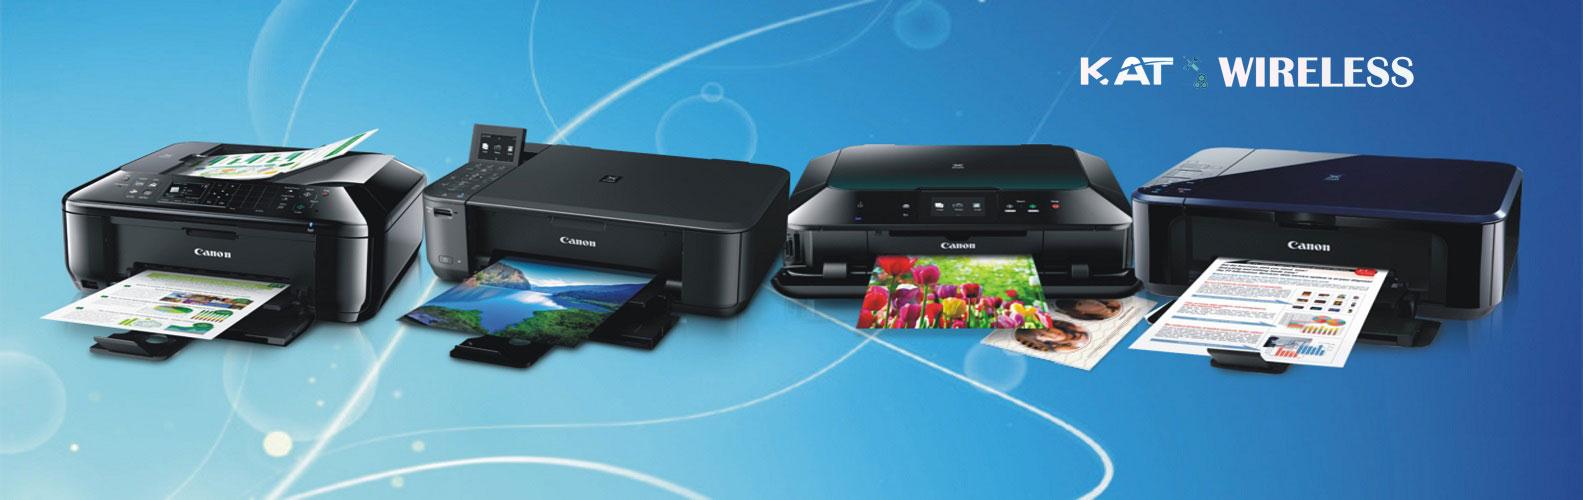 Leser Printer